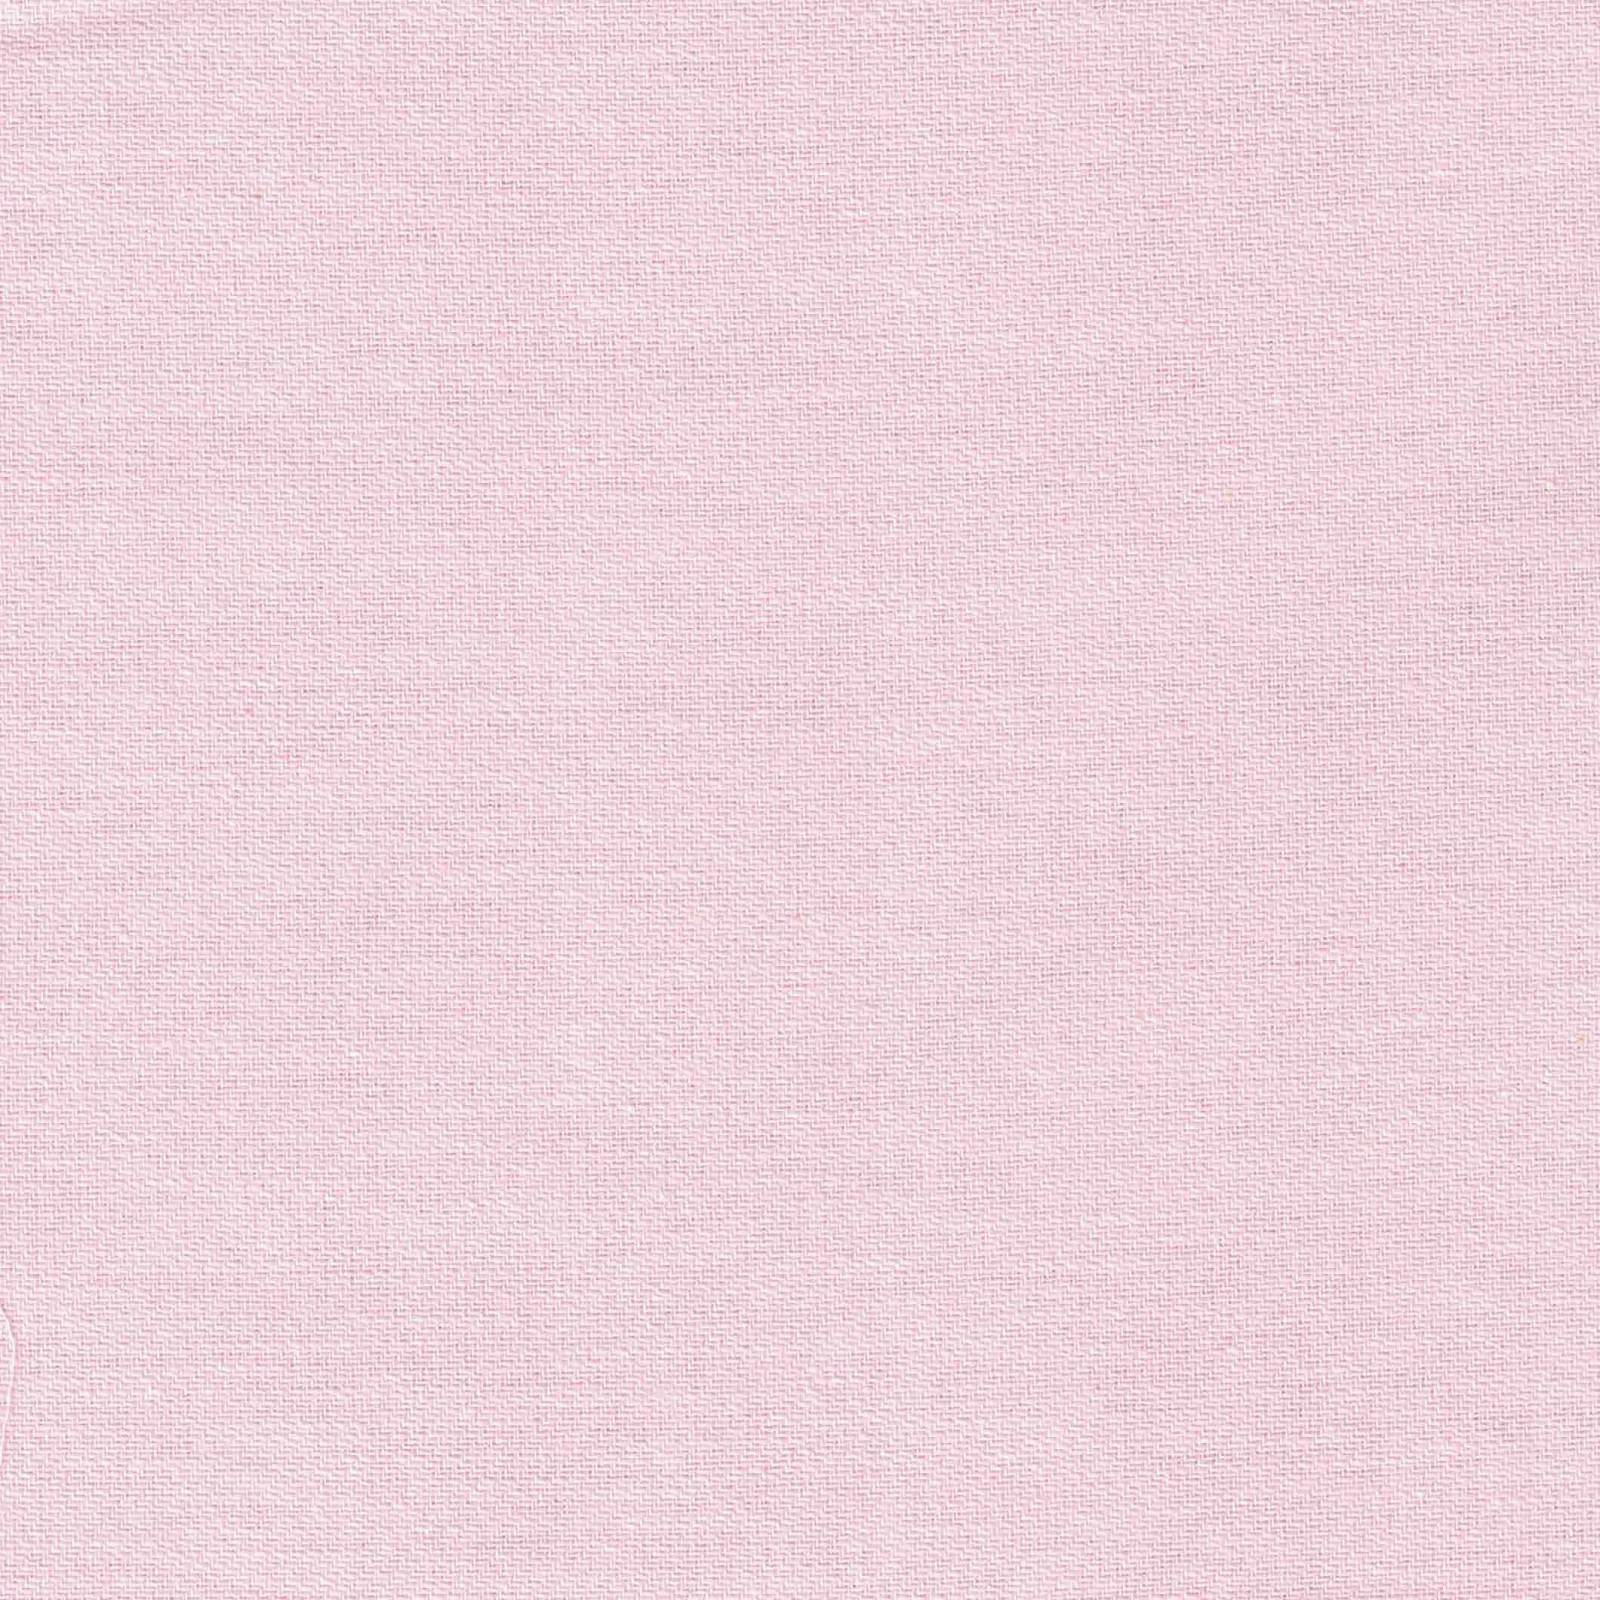 Flanela Lisa Cor Rosa Ref. 32874 - Armarinhos Nodari